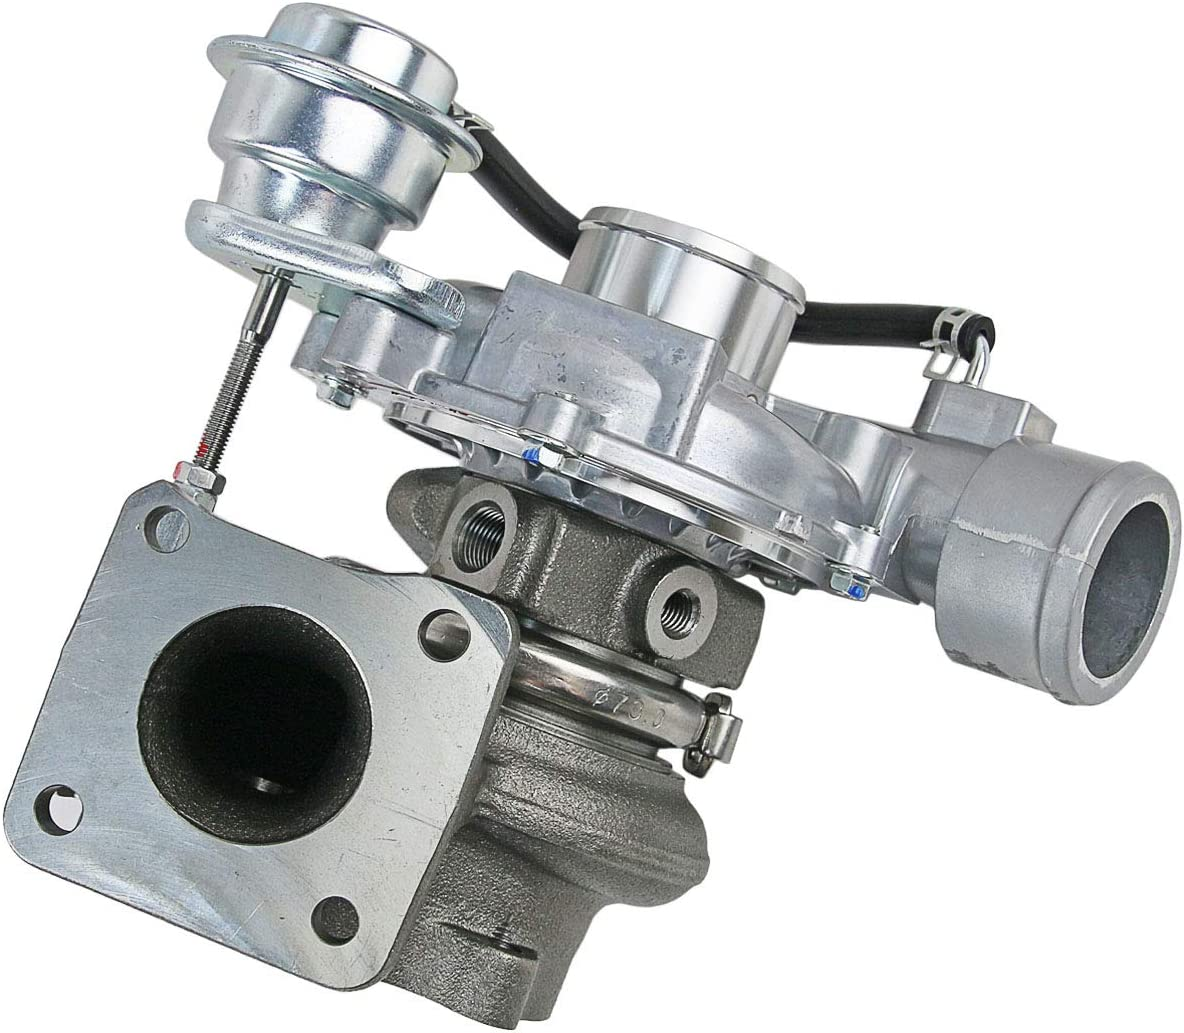 Engine Parts Turbo Turbocharger For D-Max Pickup 3.0L 4JJ1-TCS ...